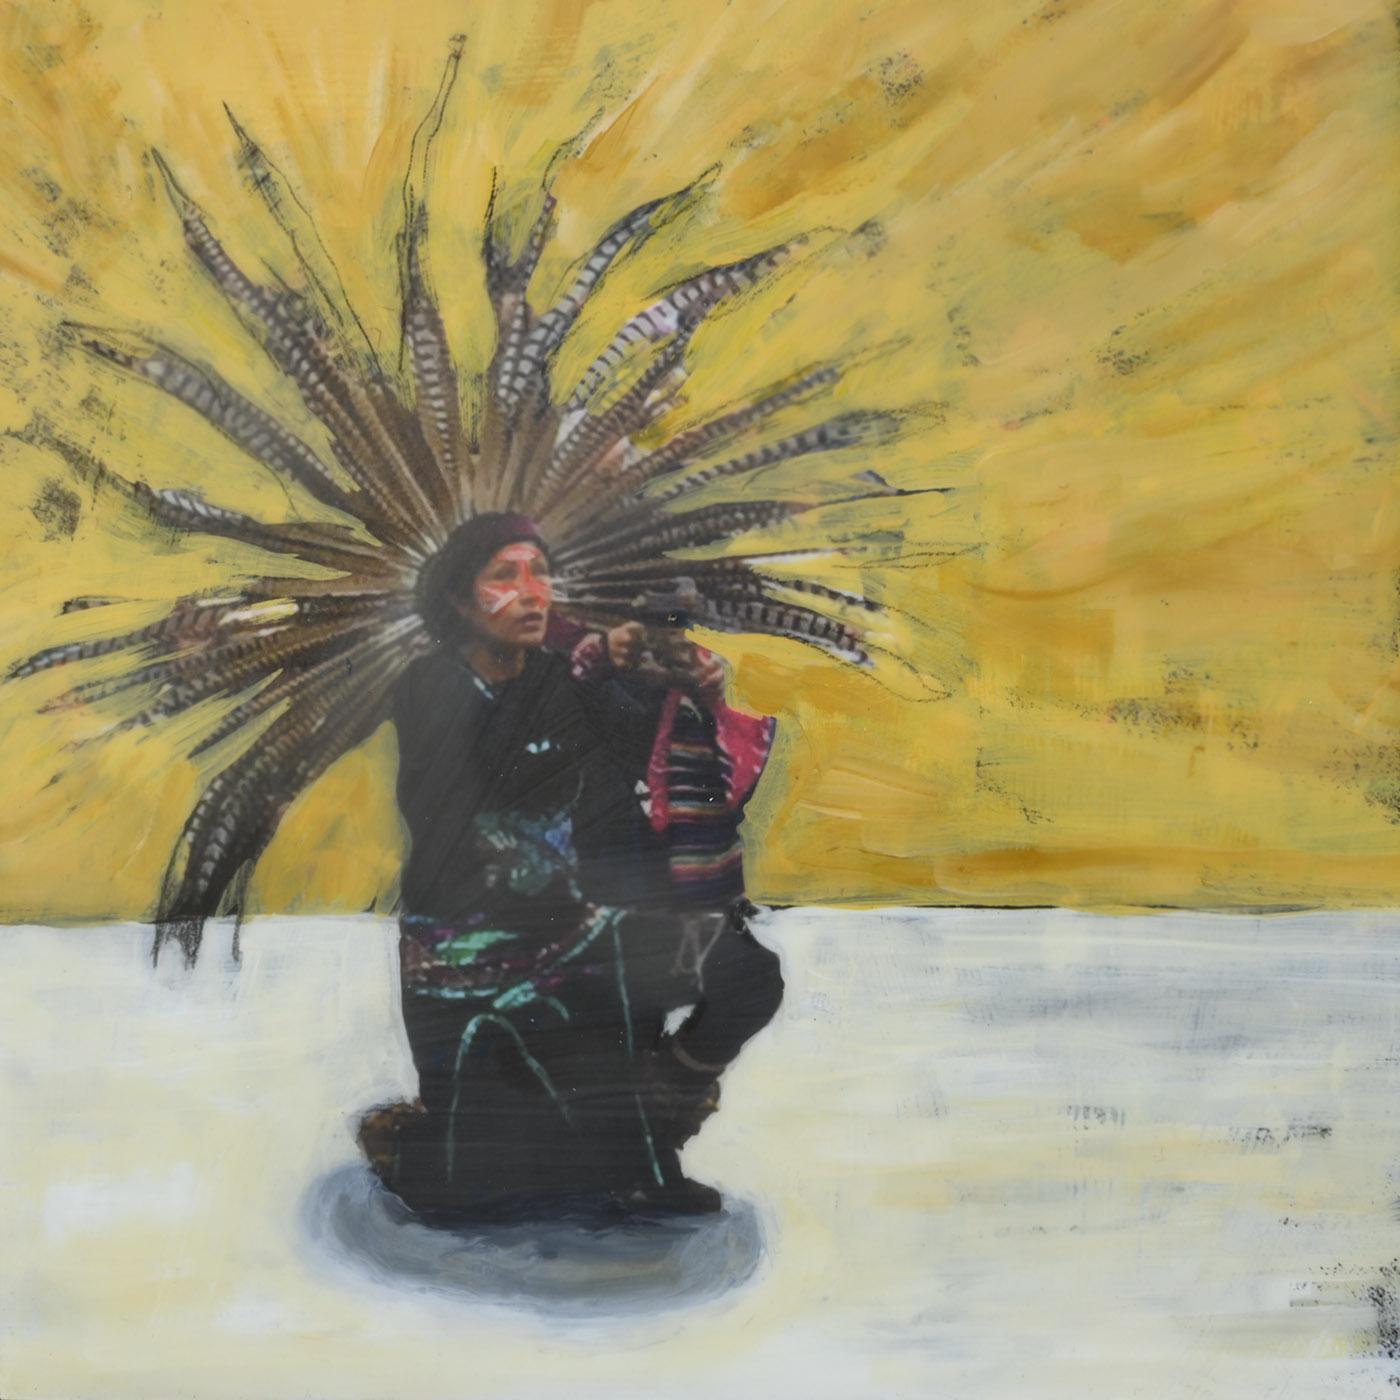 Cultural Diversity 3 - Aztec Dance - sold